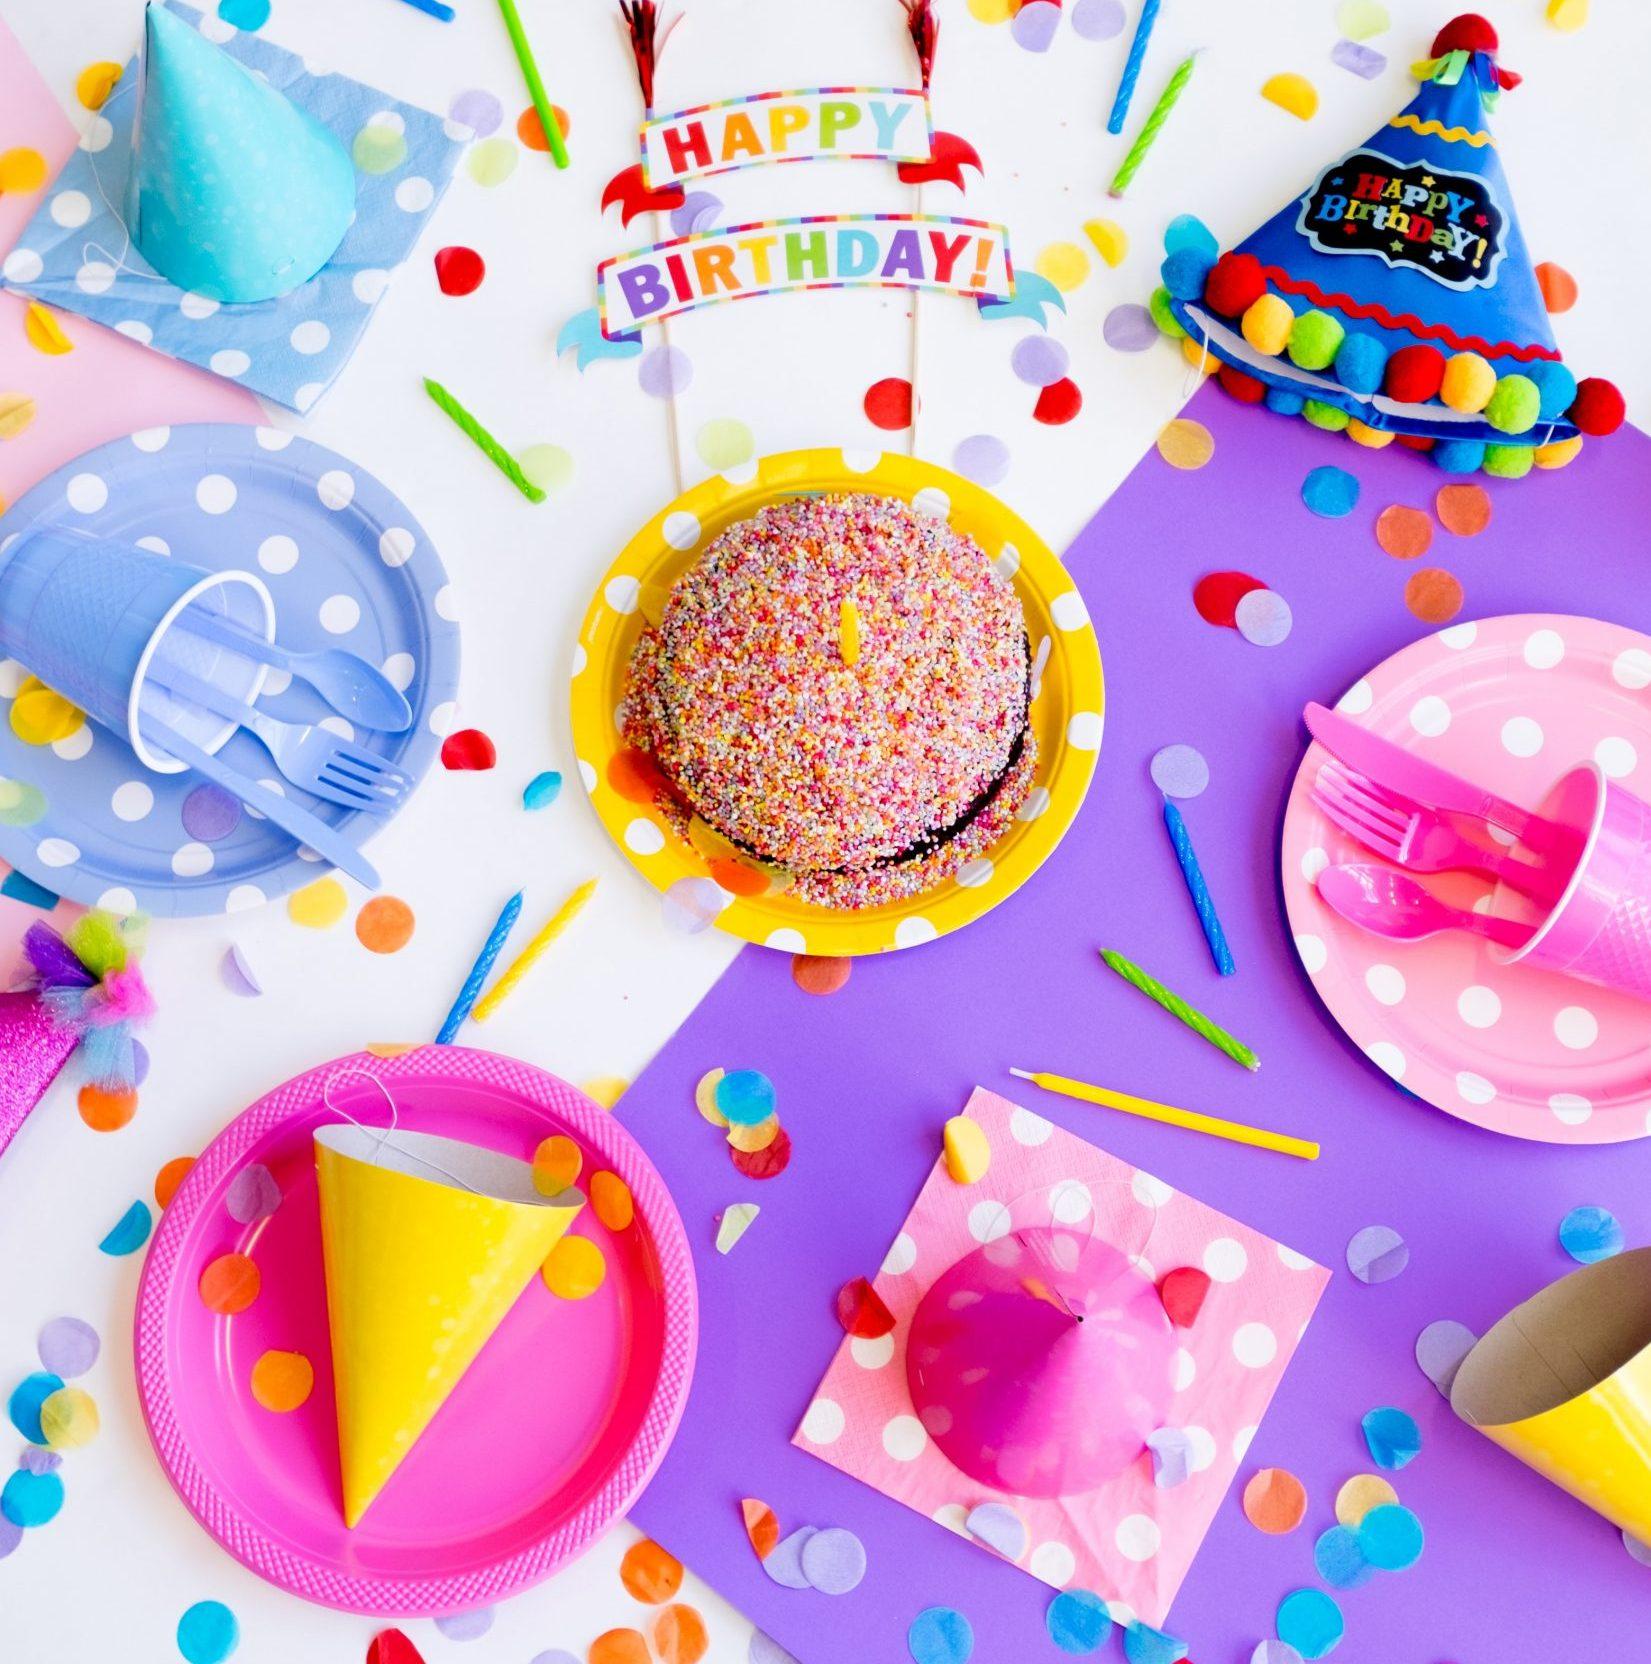 Hyvää syntymättömyyspäivää!